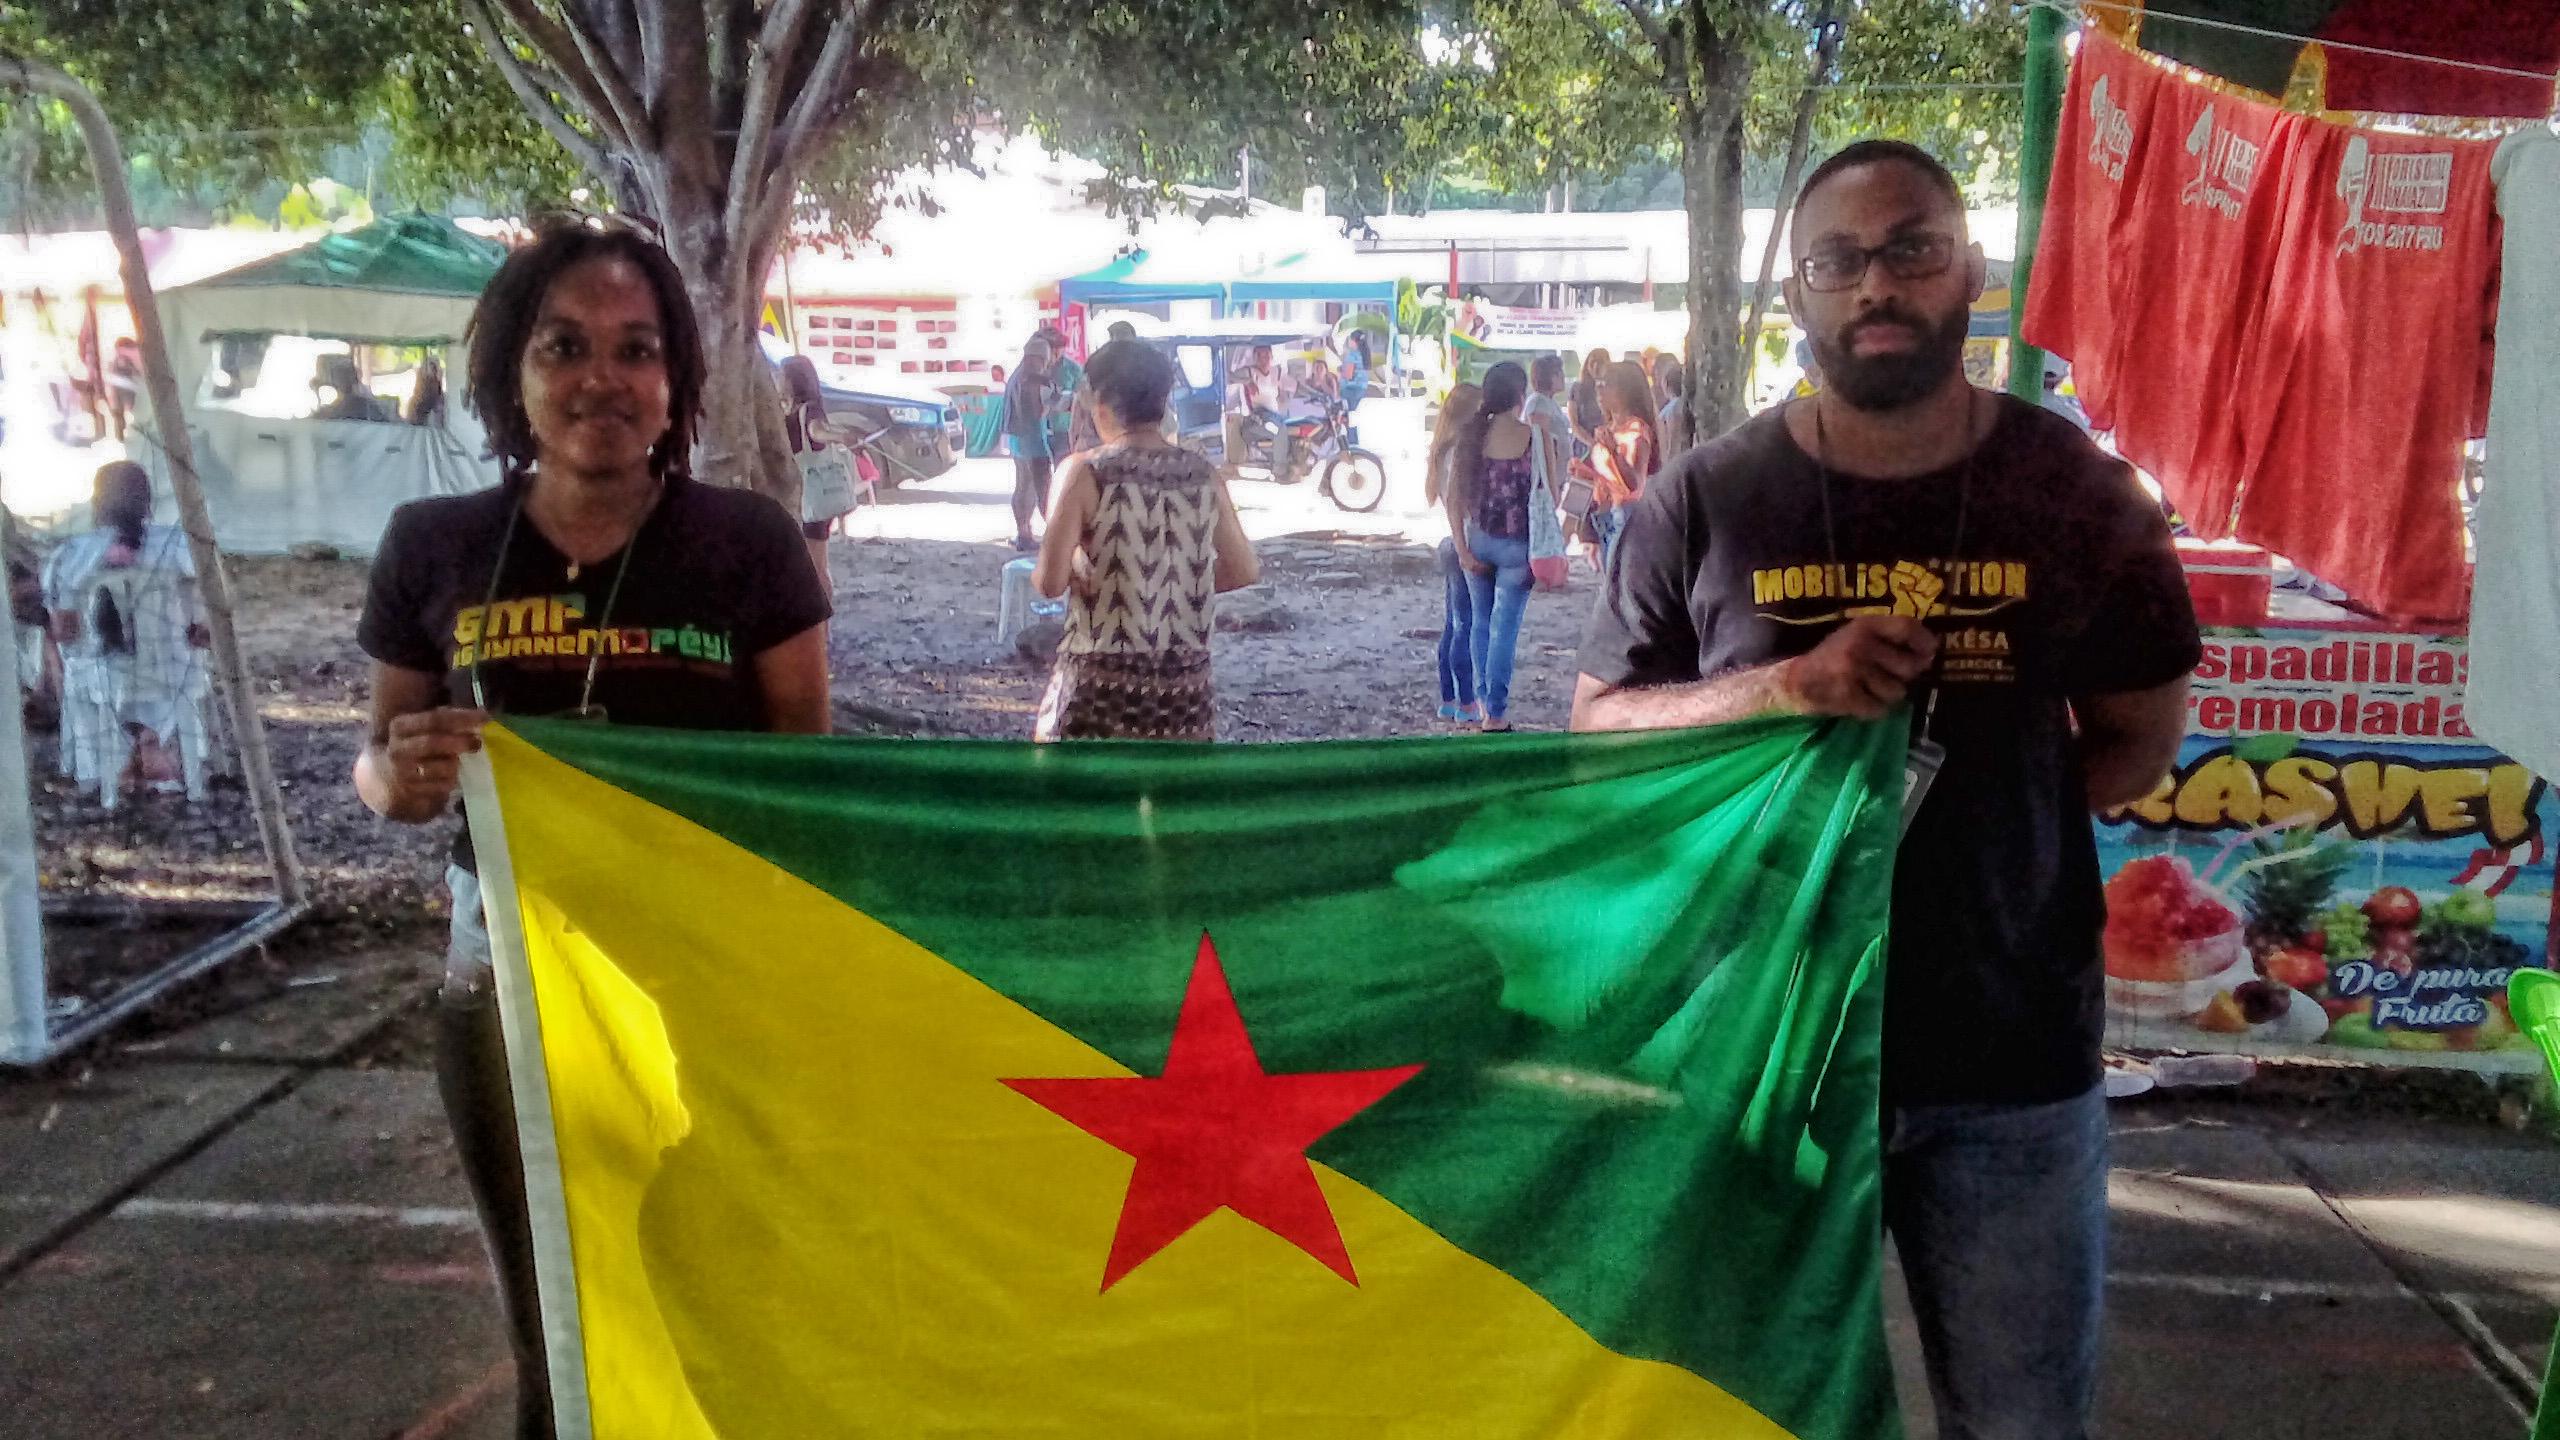 Leis parisienses são aplicadas, sem debate, no território amazônico da Guiana francesa